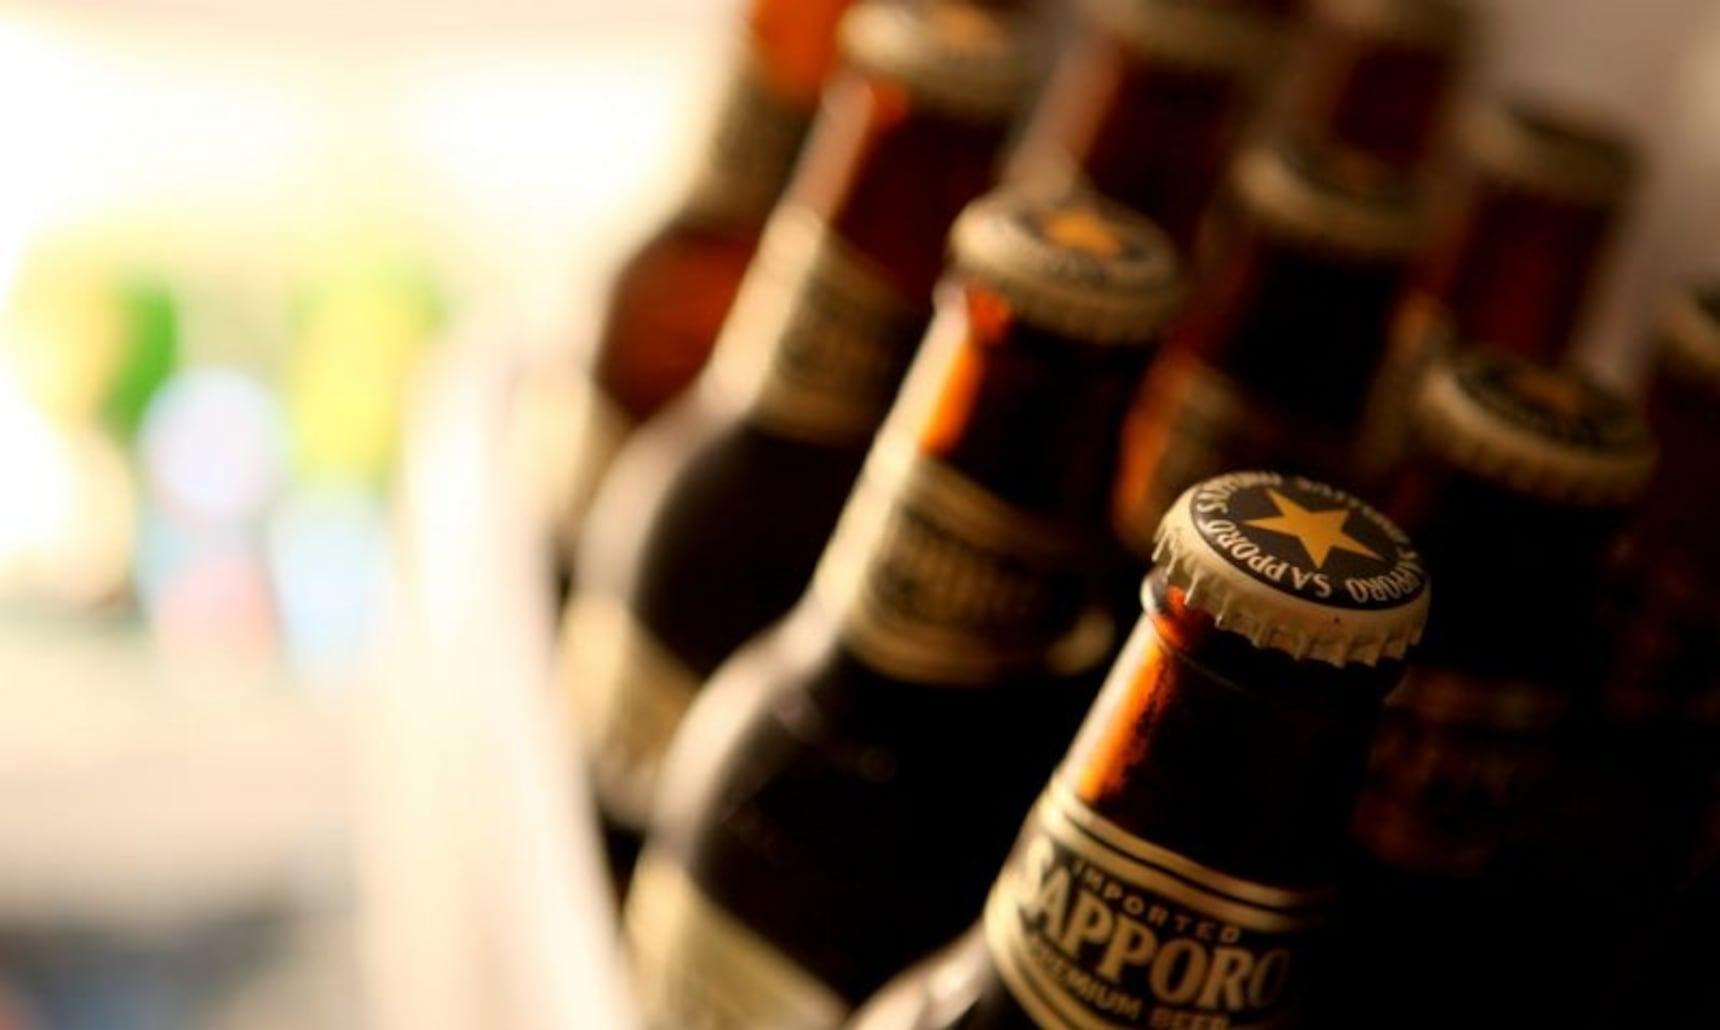 """삿포로에서 빼놓을 수 없는 """"삿포로 맥주""""의 오랜 역사"""